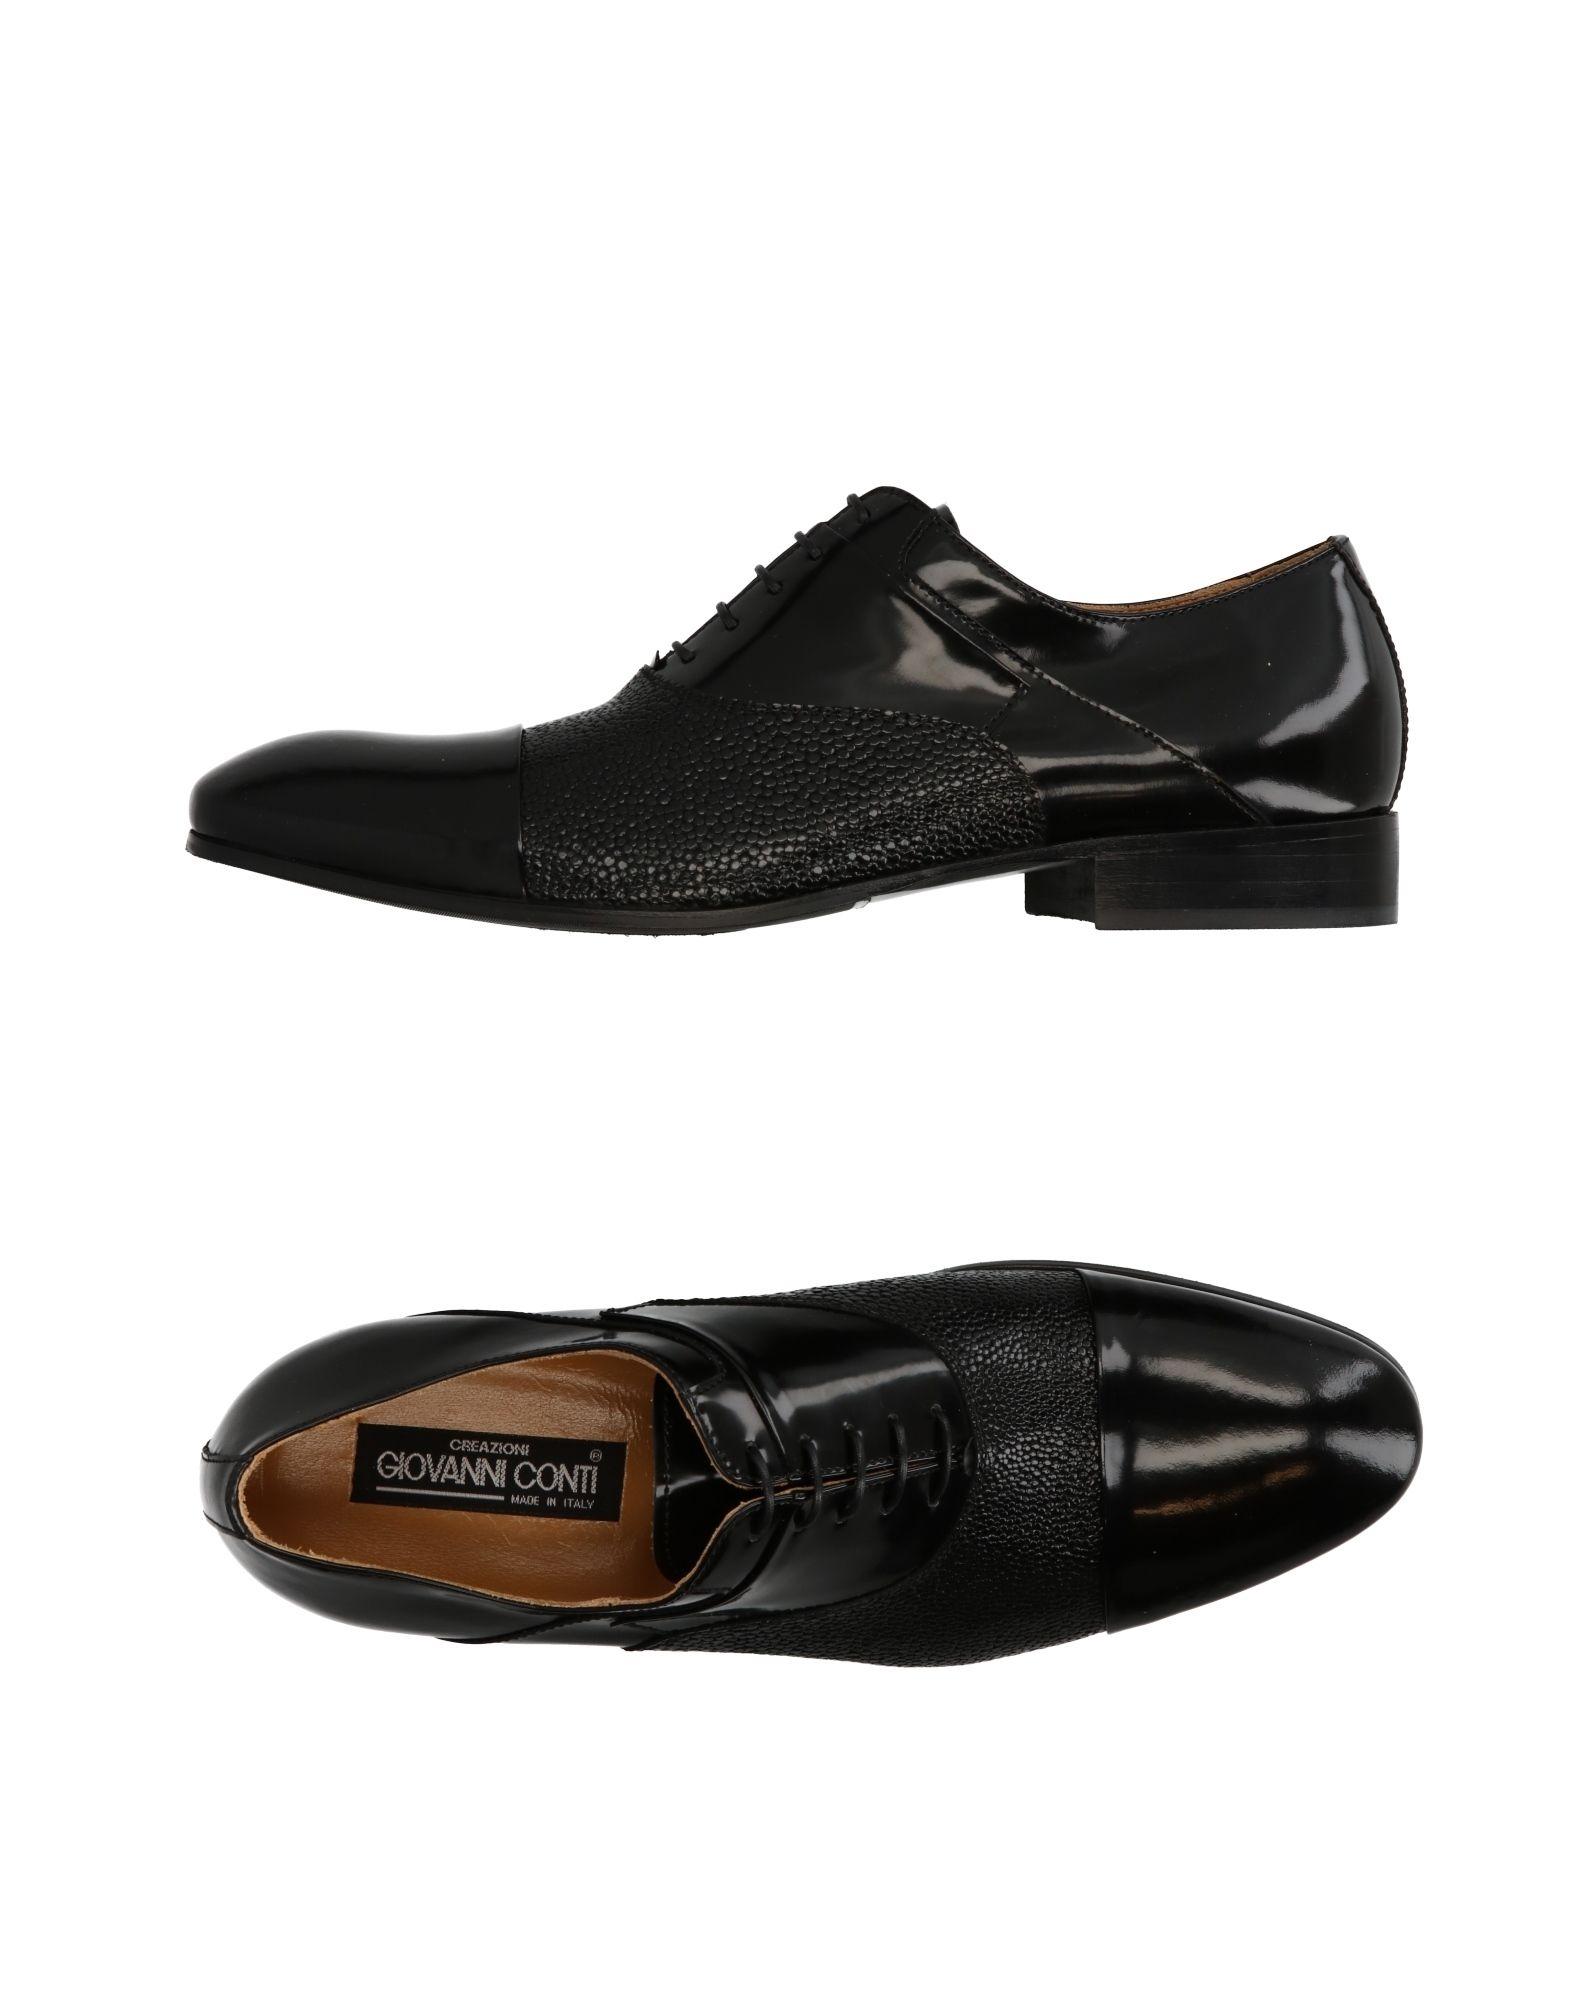 где купить CREAZIONI GIOVANNI CONTI Обувь на шнурках по лучшей цене